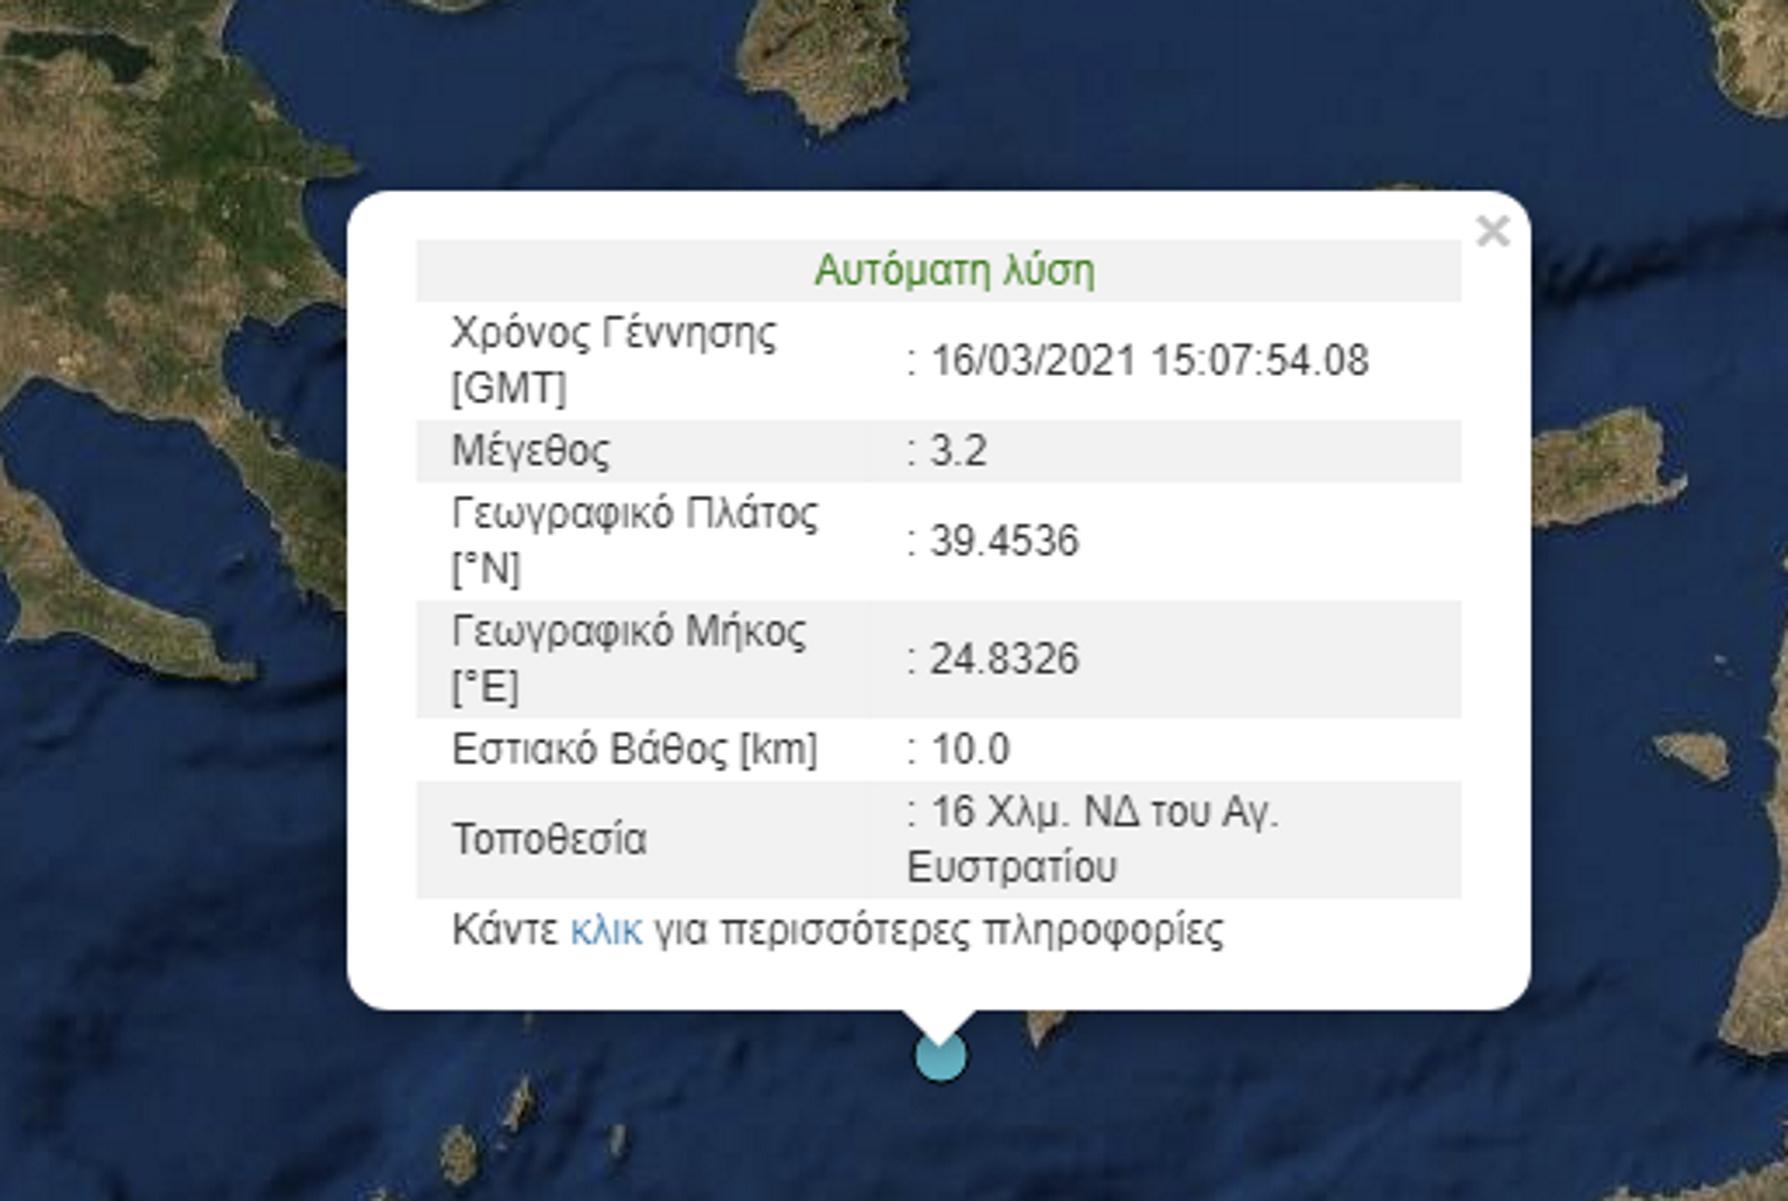 Σεισμός 3,2 ρίχτερ στον Άγιο Ευστράτιο